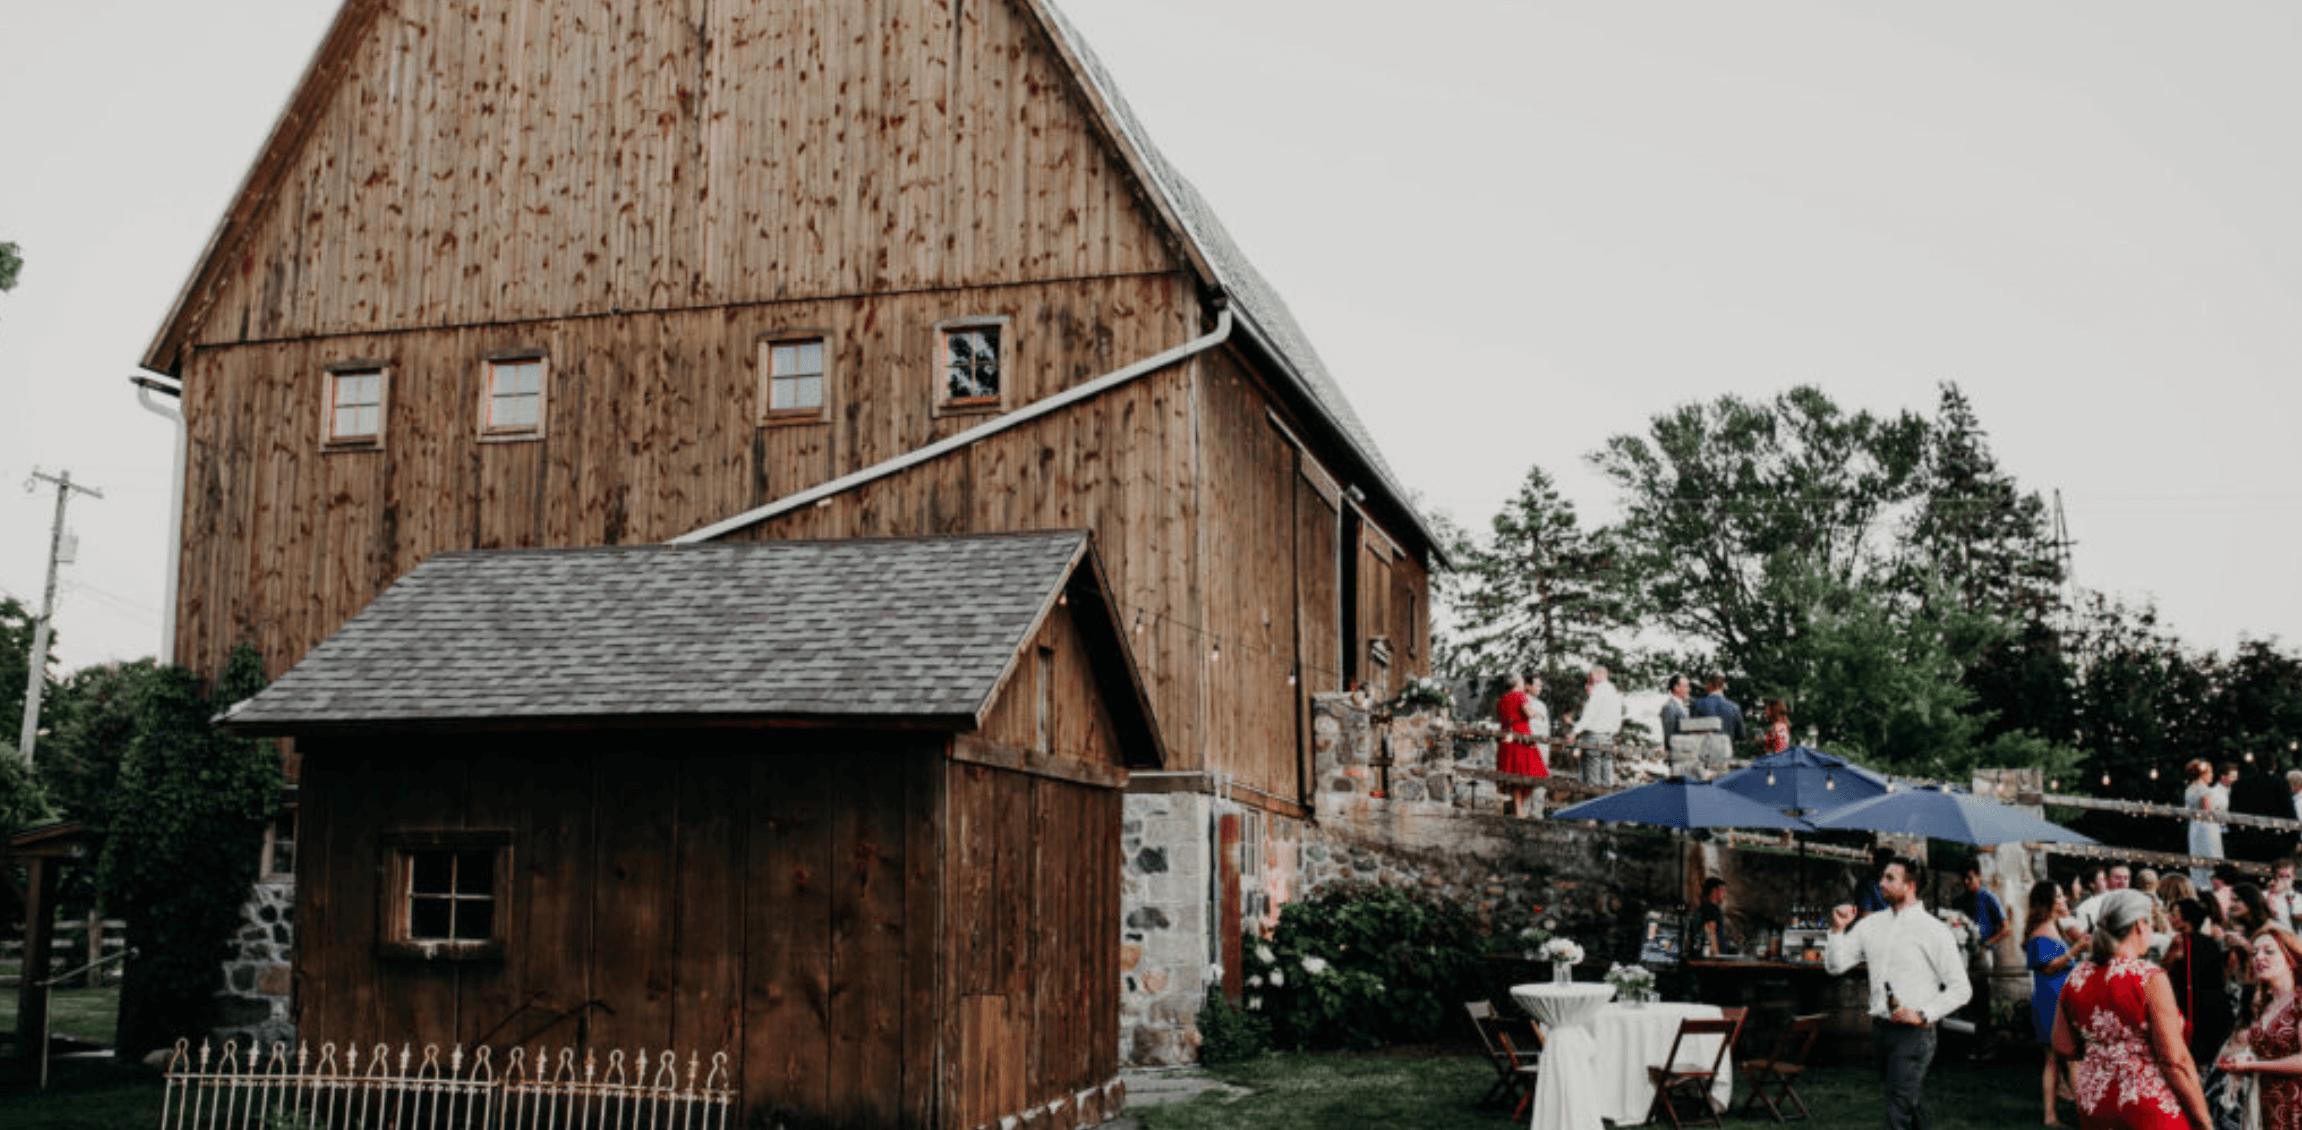 The Misty Farms wedding venue near Ann Arbor, MI